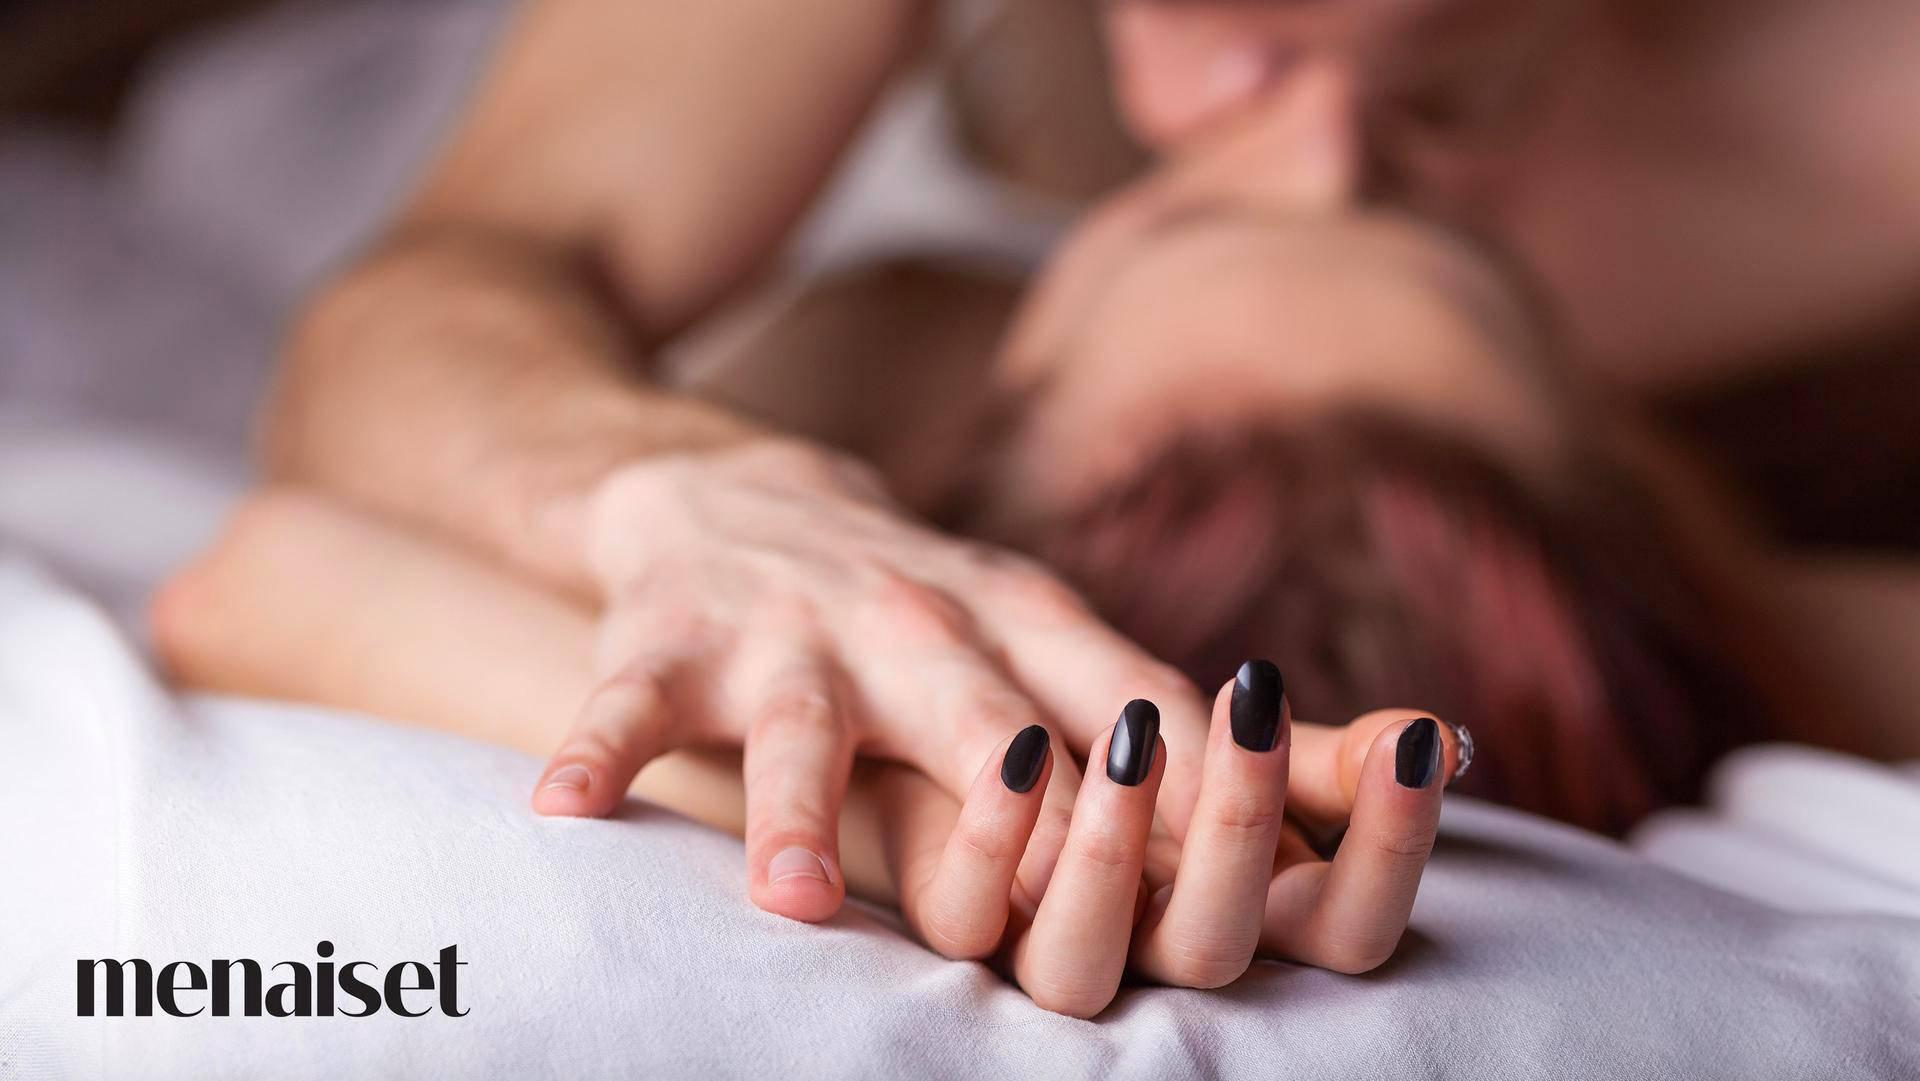 yhdyntä kuvina nainen haluaa seksiä